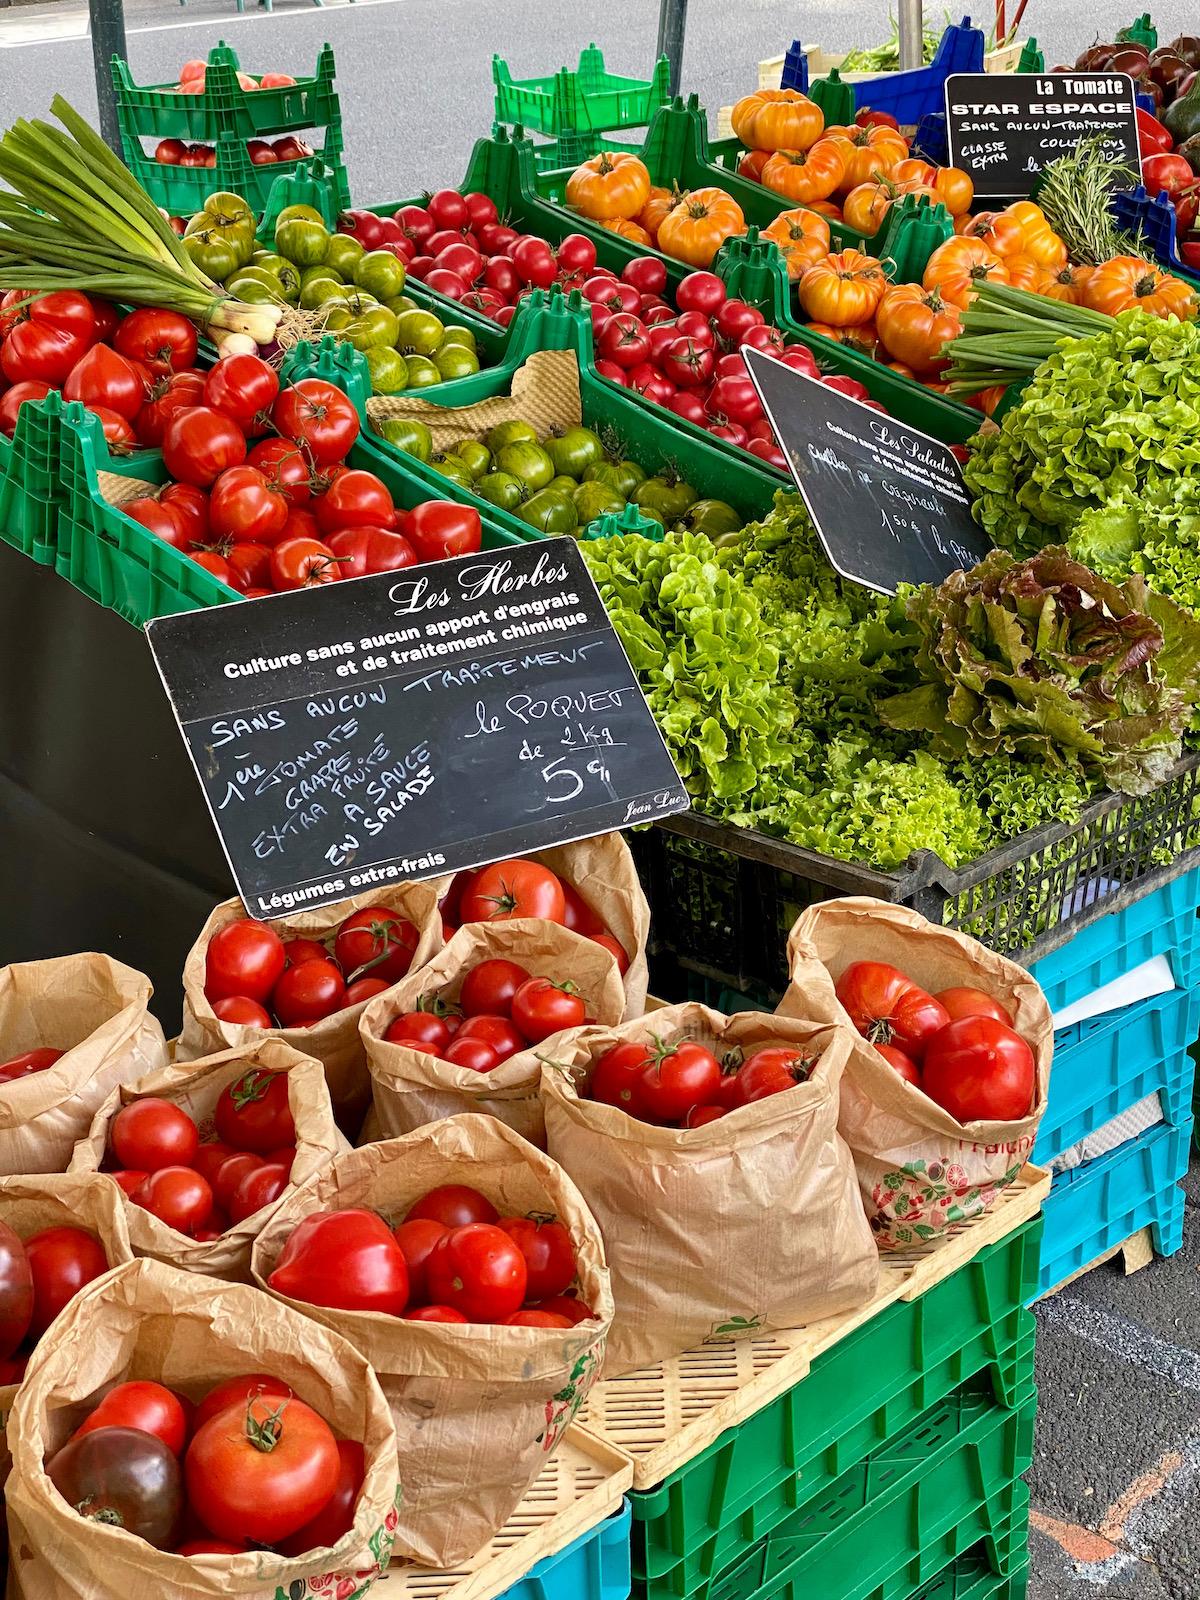 star espace tomatoes at marché des sablons